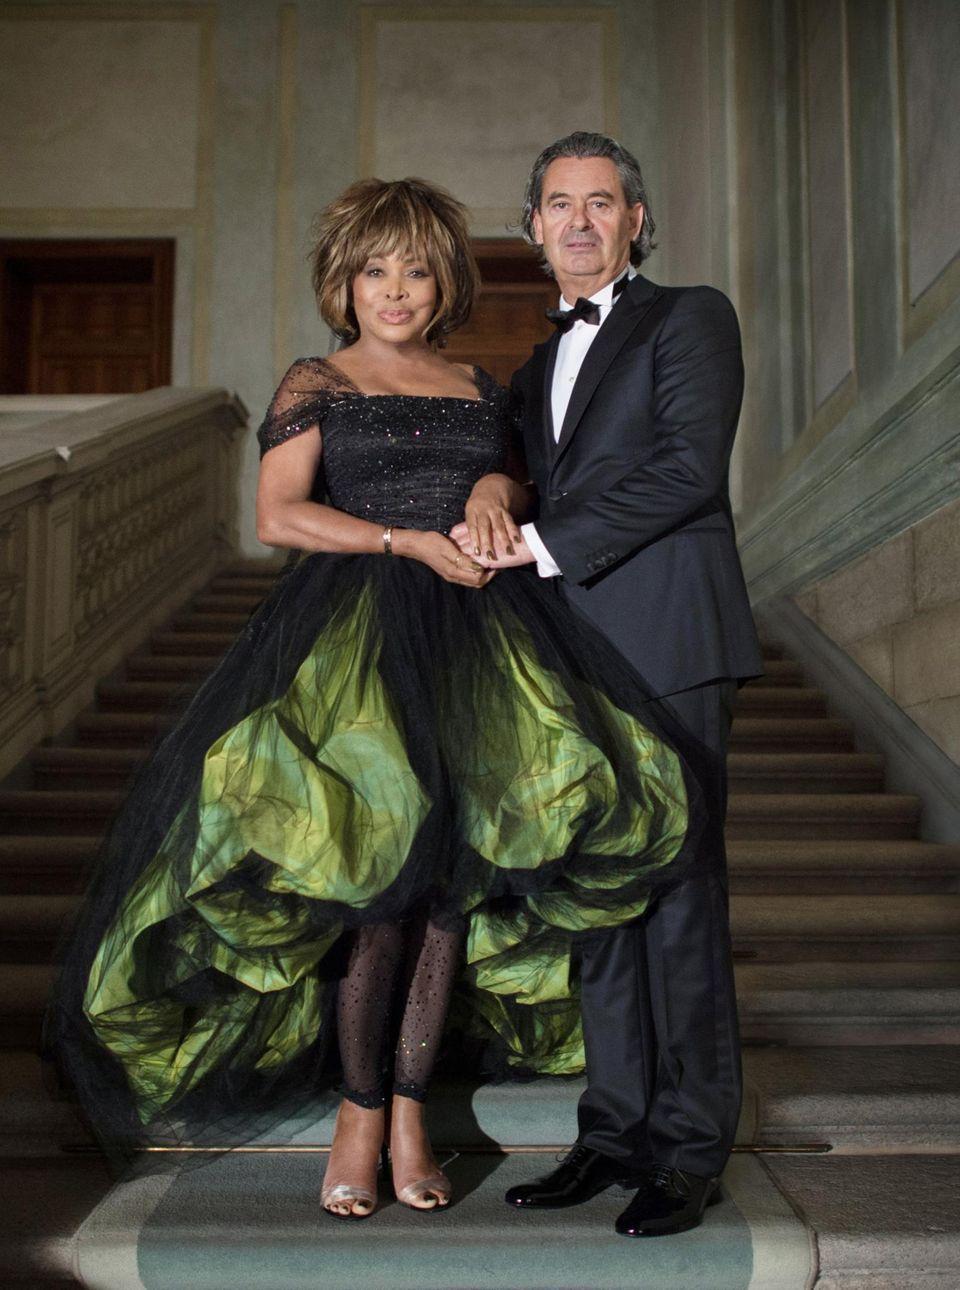 21. Juli 2013: Tina Turner (in Armani) und Erwin Bach geben sich nach mehr als 25 Jahren Beziehung am Zürichsee das Ja-Wort. Das Paar feiert mit mehr als 120 Gästen ein rauschendes Fest.